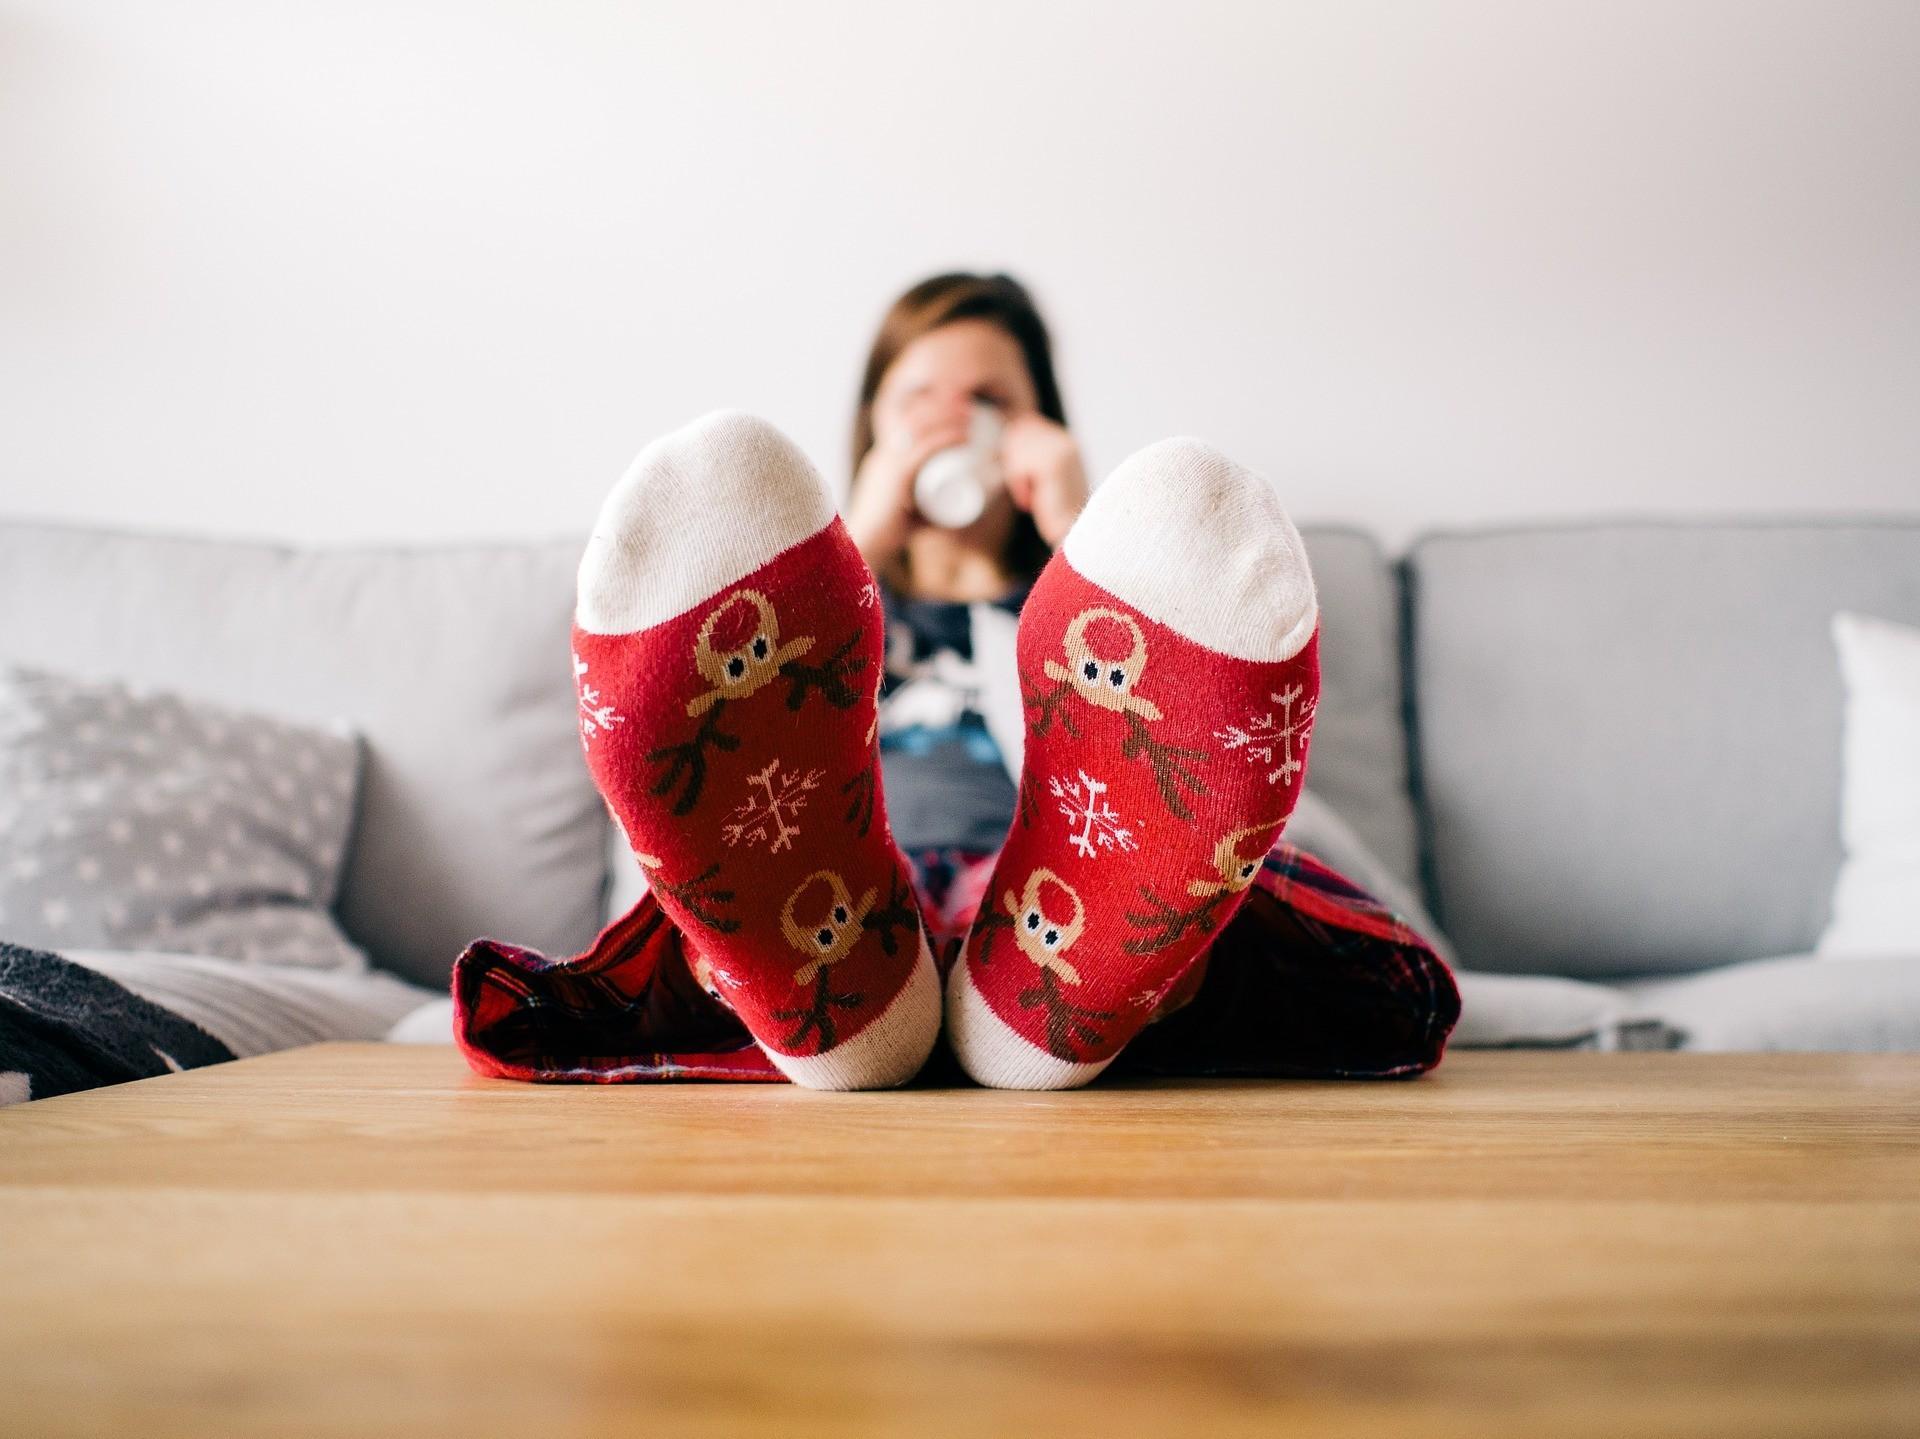 Toplotne črpalke za ogrevanje doma